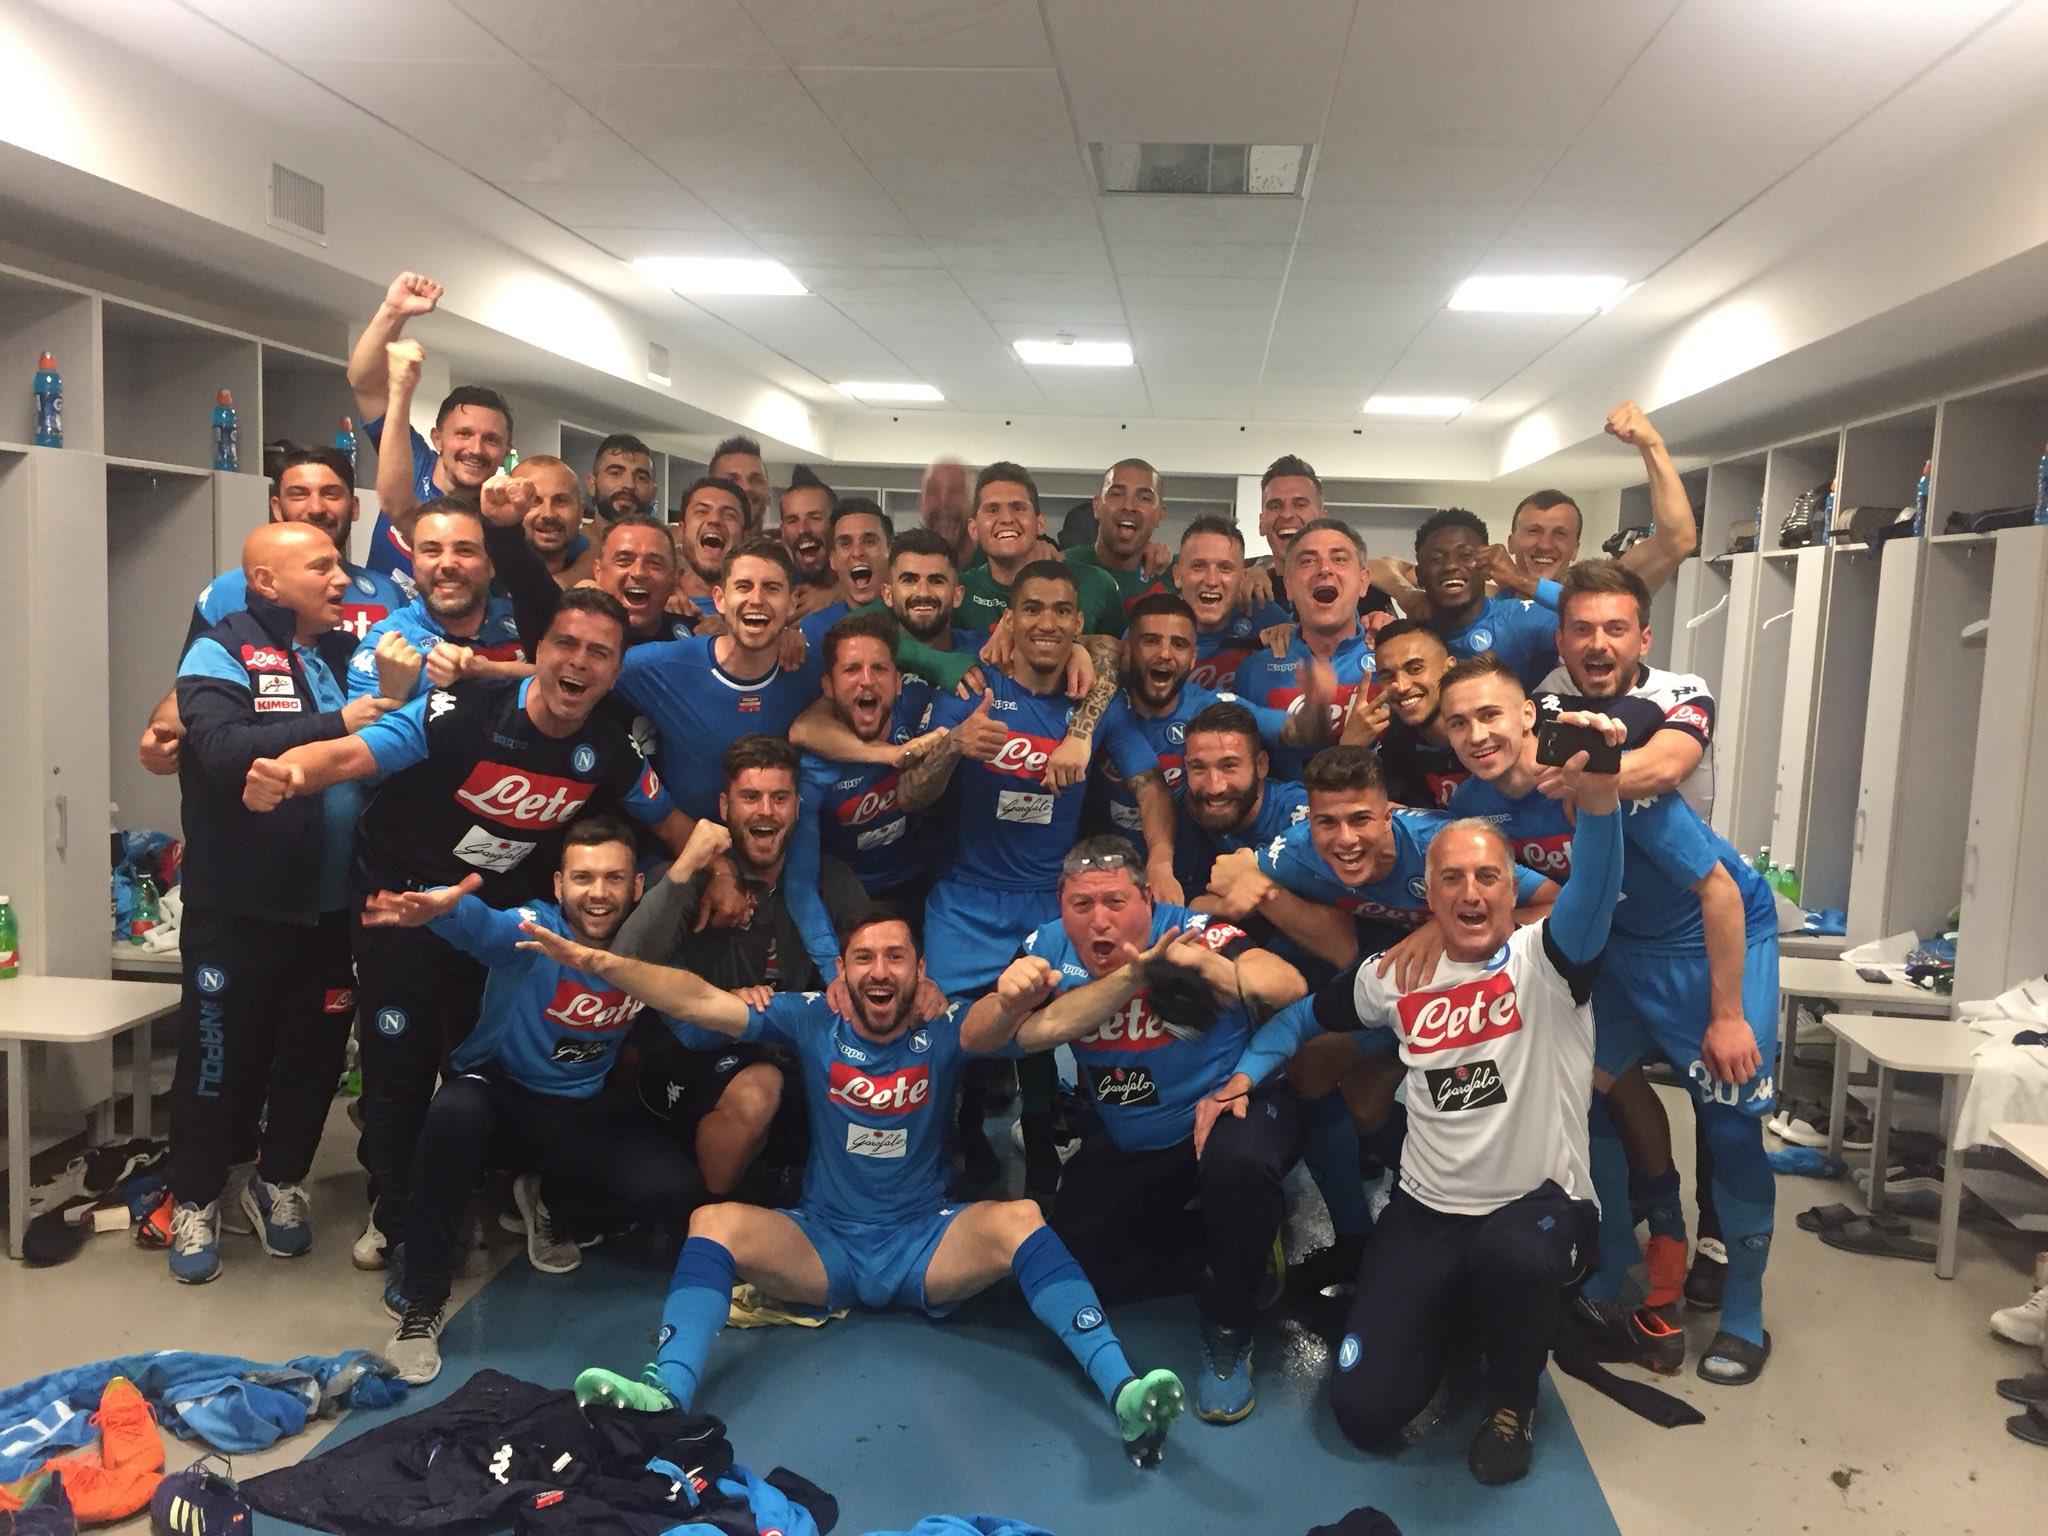 VIDEO – Juve-Napoli, la gioia dello spogliatoio dopo il successo allo Stadium